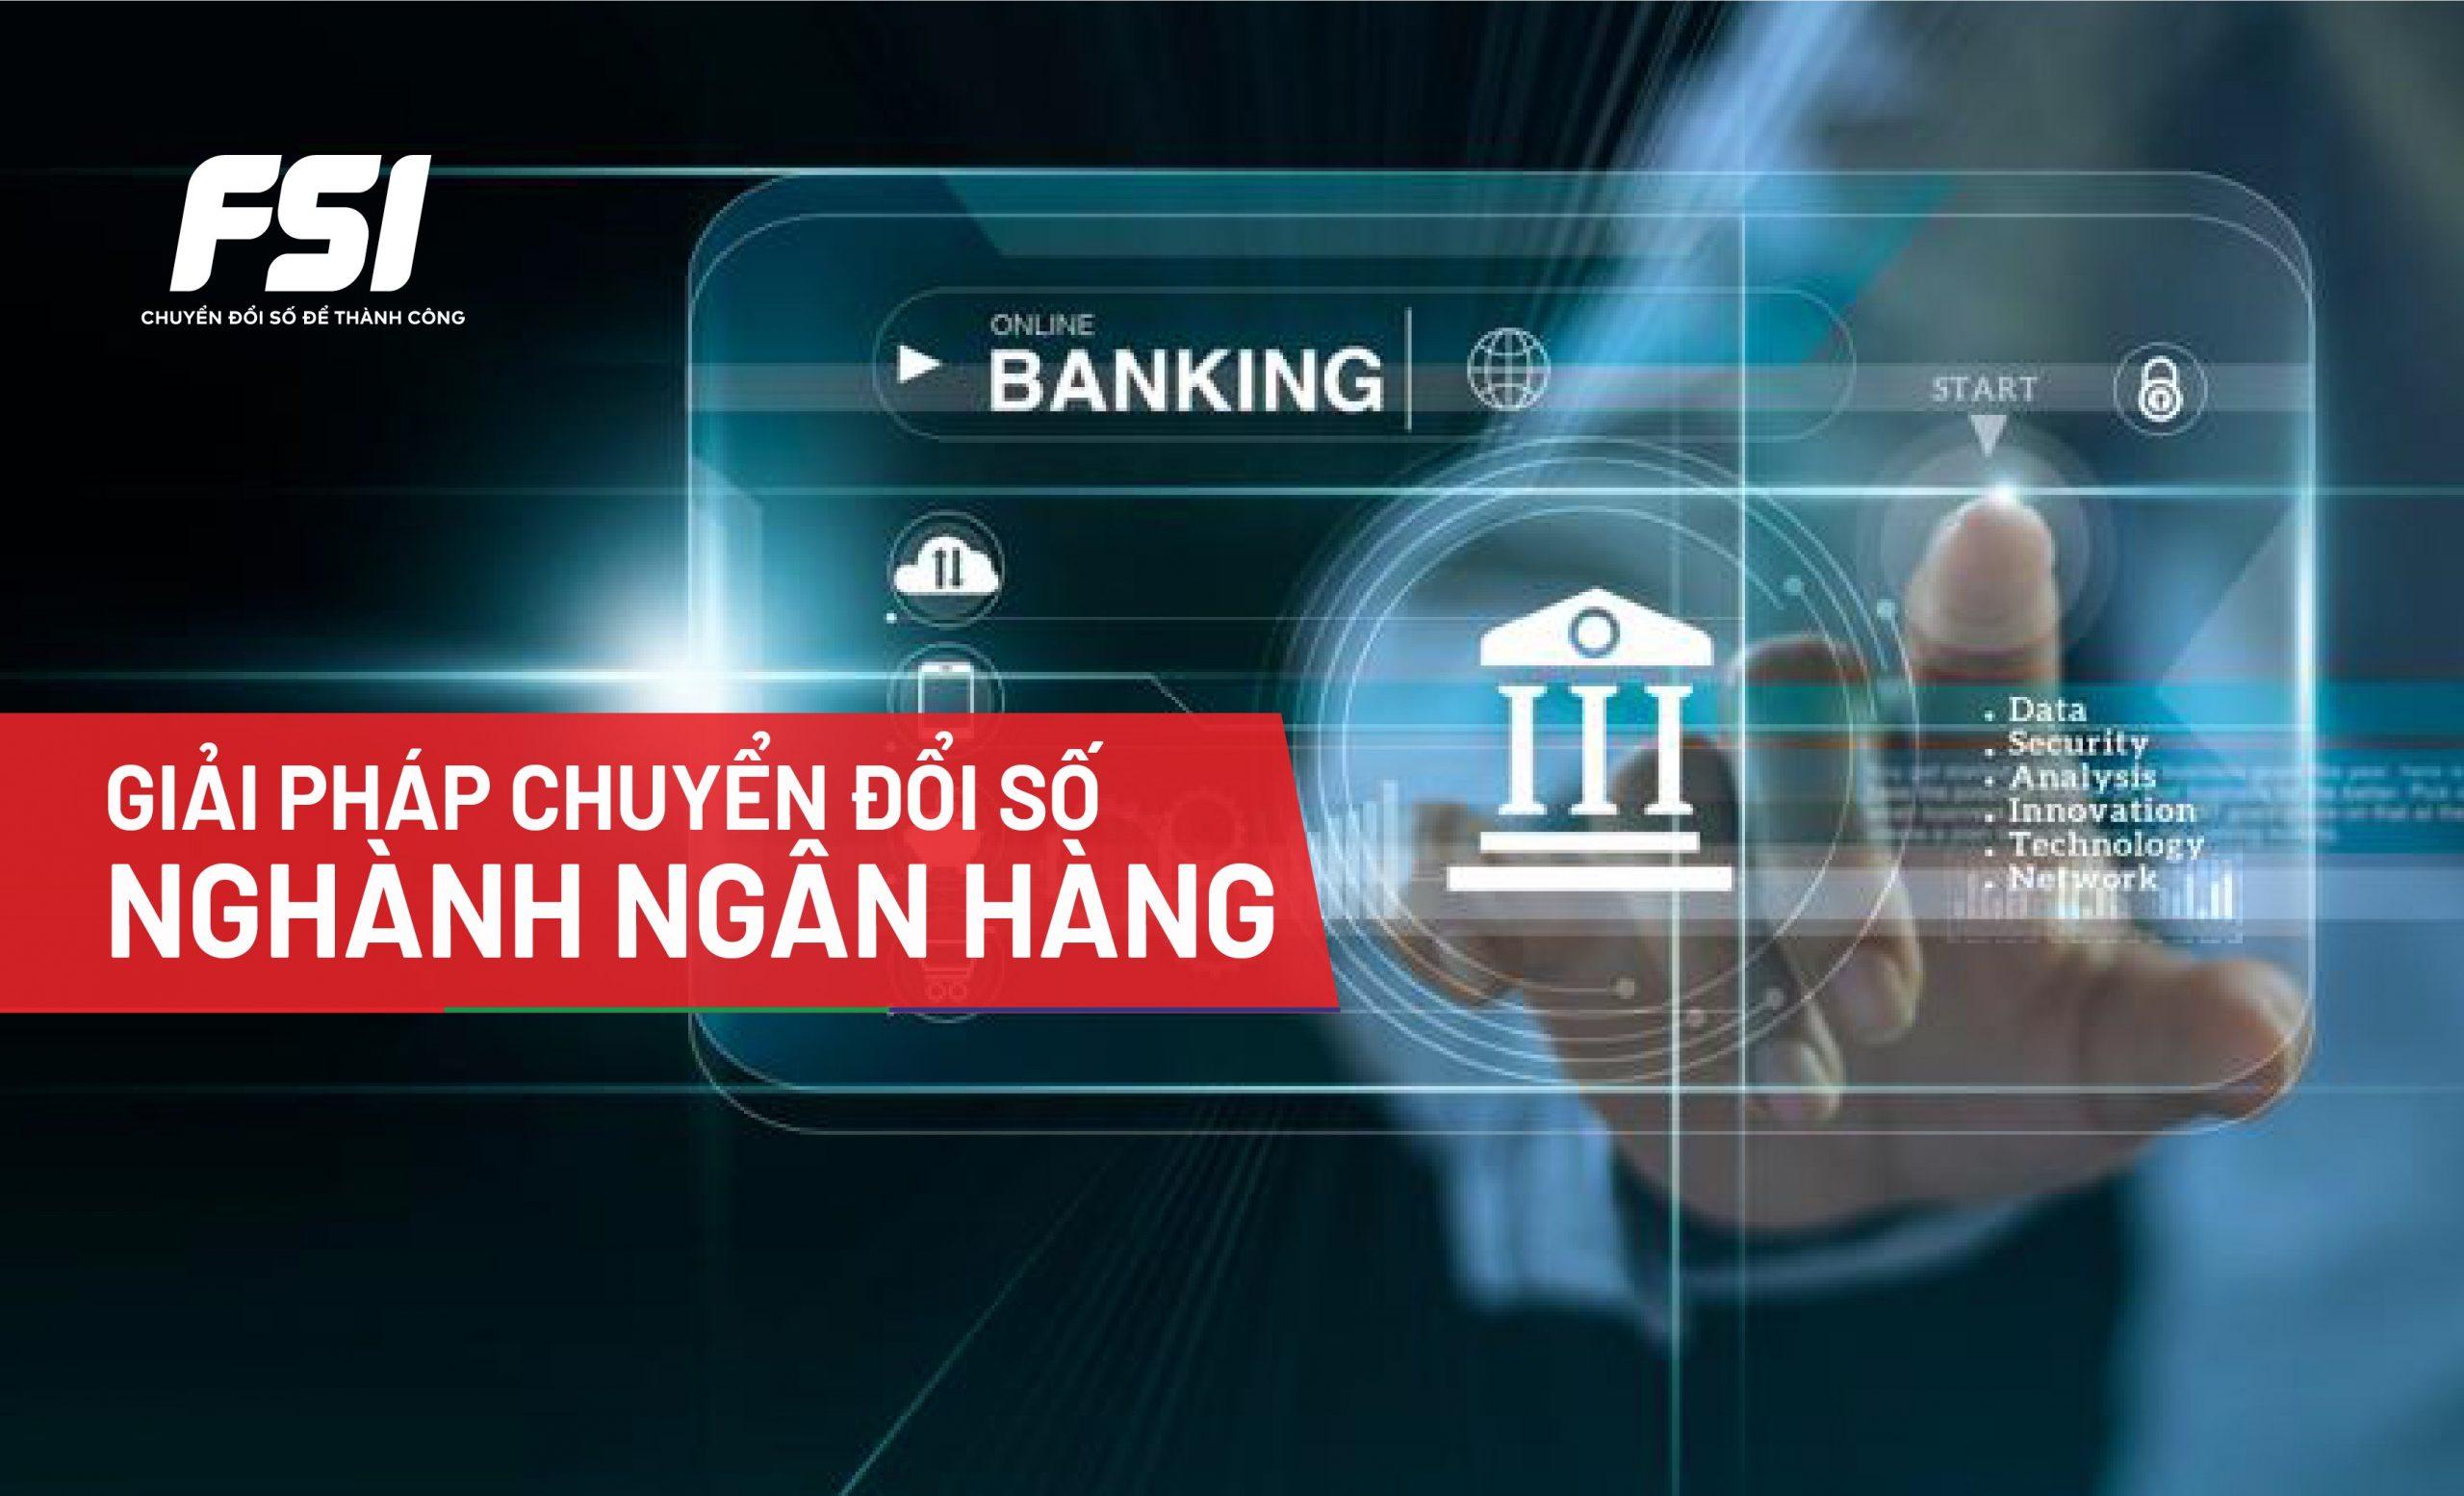 Chuyển đổi số trong lĩnh vực ngân hàng là xu hướng tất yếu không thể chuyển dịch